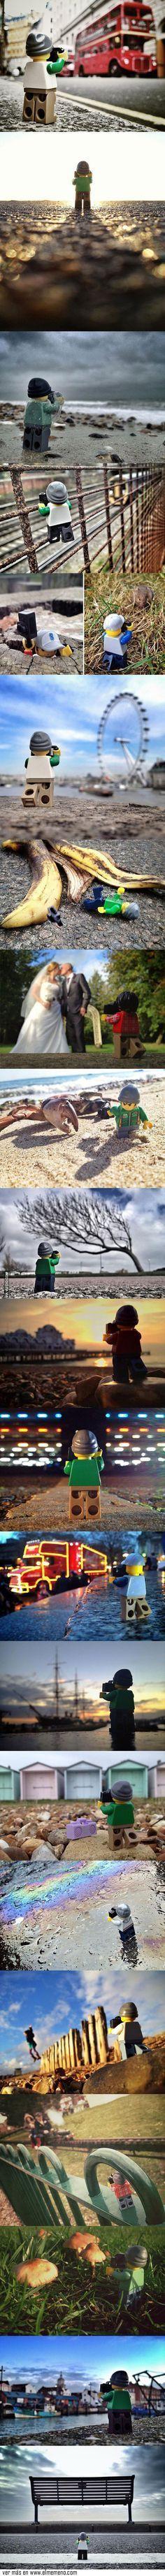 Andrew Whyte pasó 365 días tras este pequeño fotógrafo LEGO y tomo estas fotografías. @ www.elmemeno.com